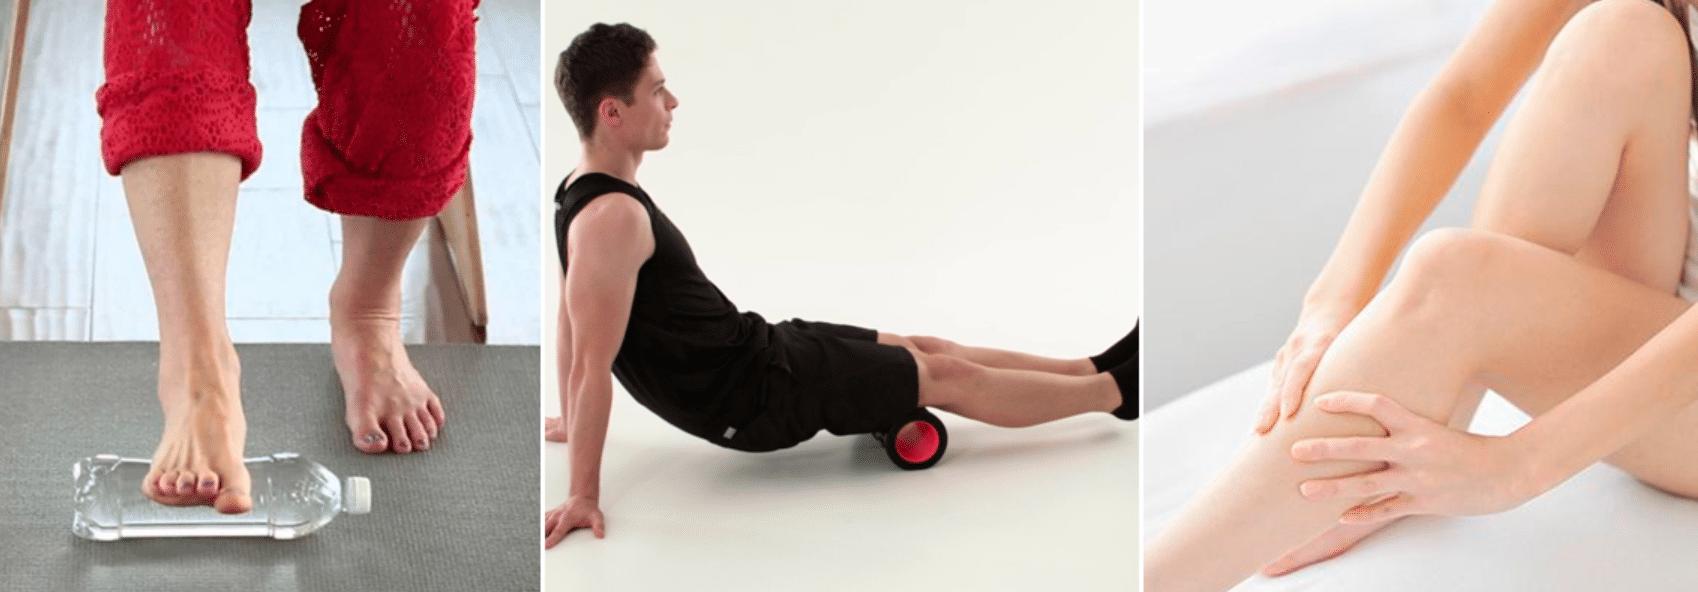 imagem de posições para automassagem em suas pernas e pés